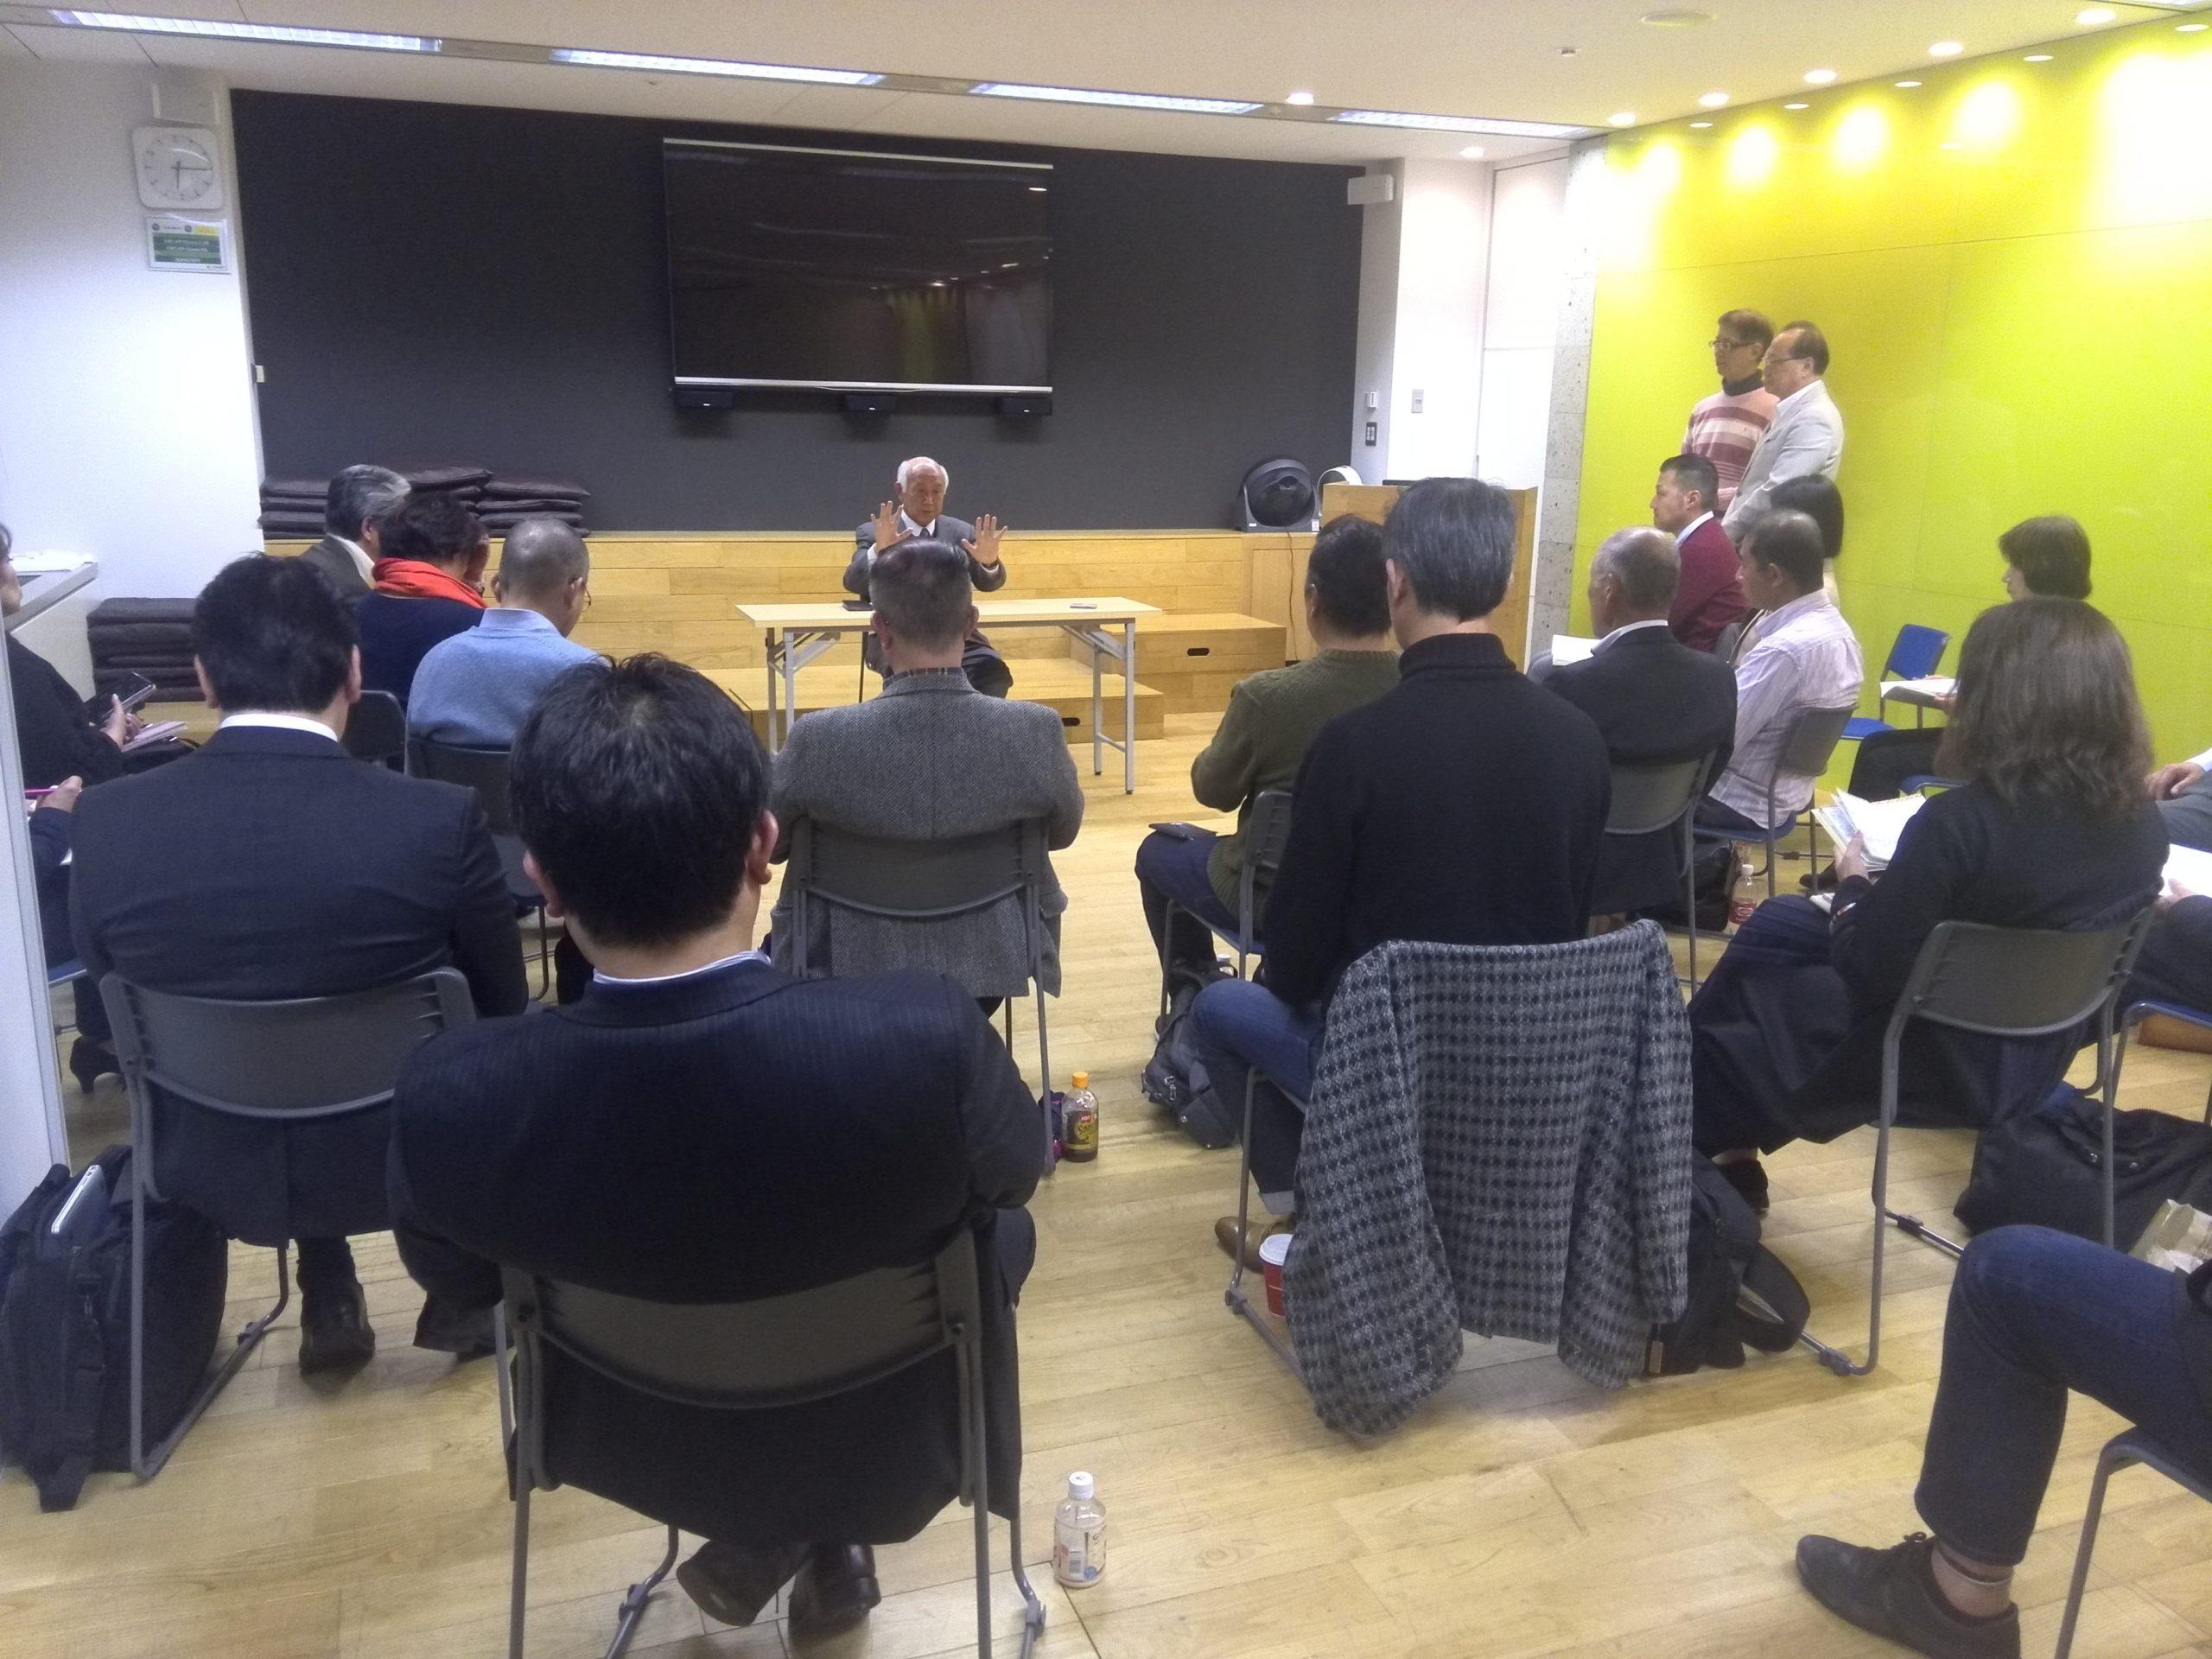 IMG 20110109 143154 scaled - 2019年12月7日(土)第6回東京思風塾「人生の鉄則からの5つの問いとは」をテーマに開催